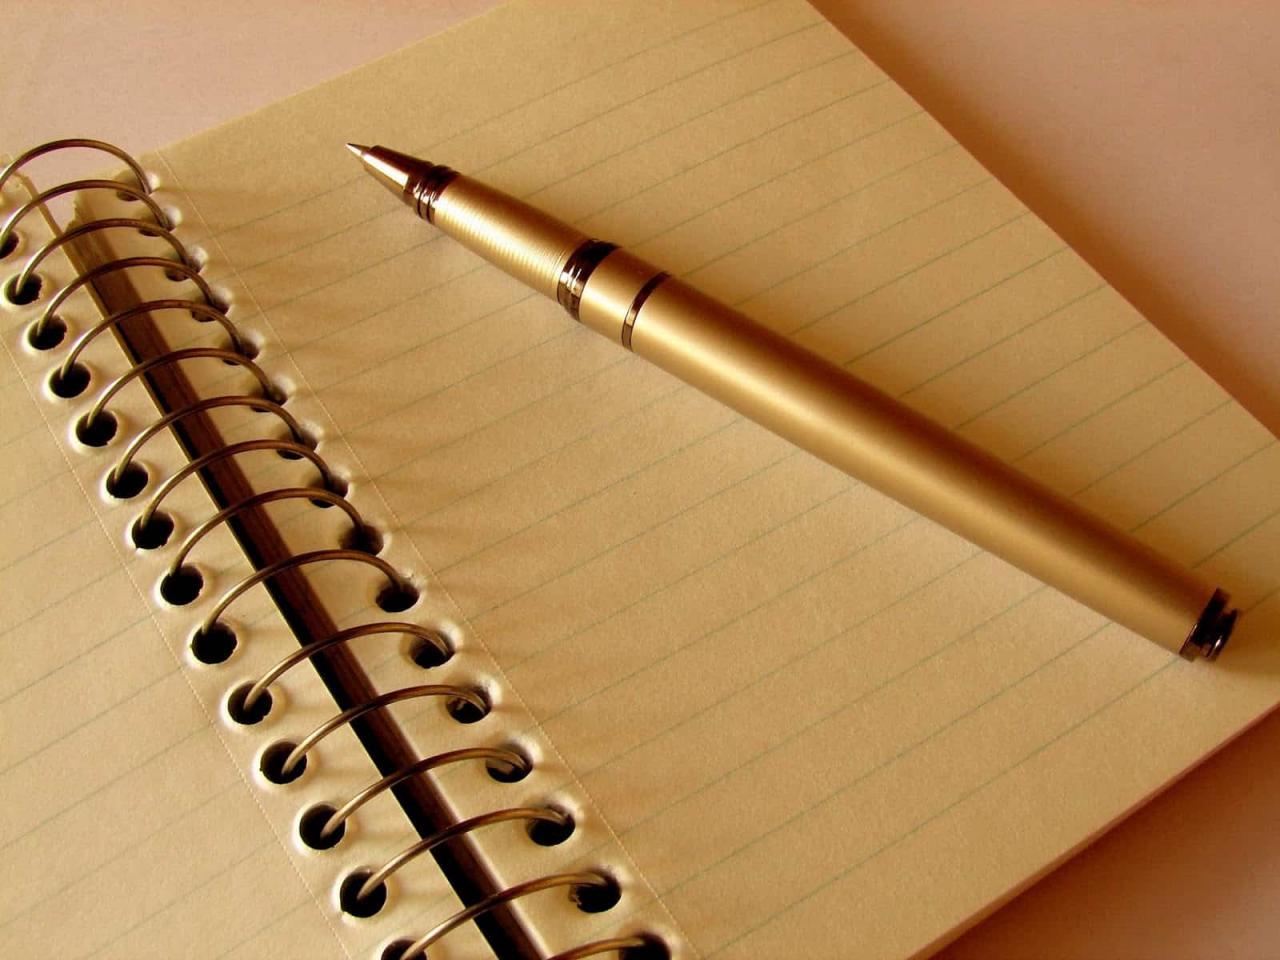 صورة كيفية كتابة تعبير , وصف موضوع تعبير مميز